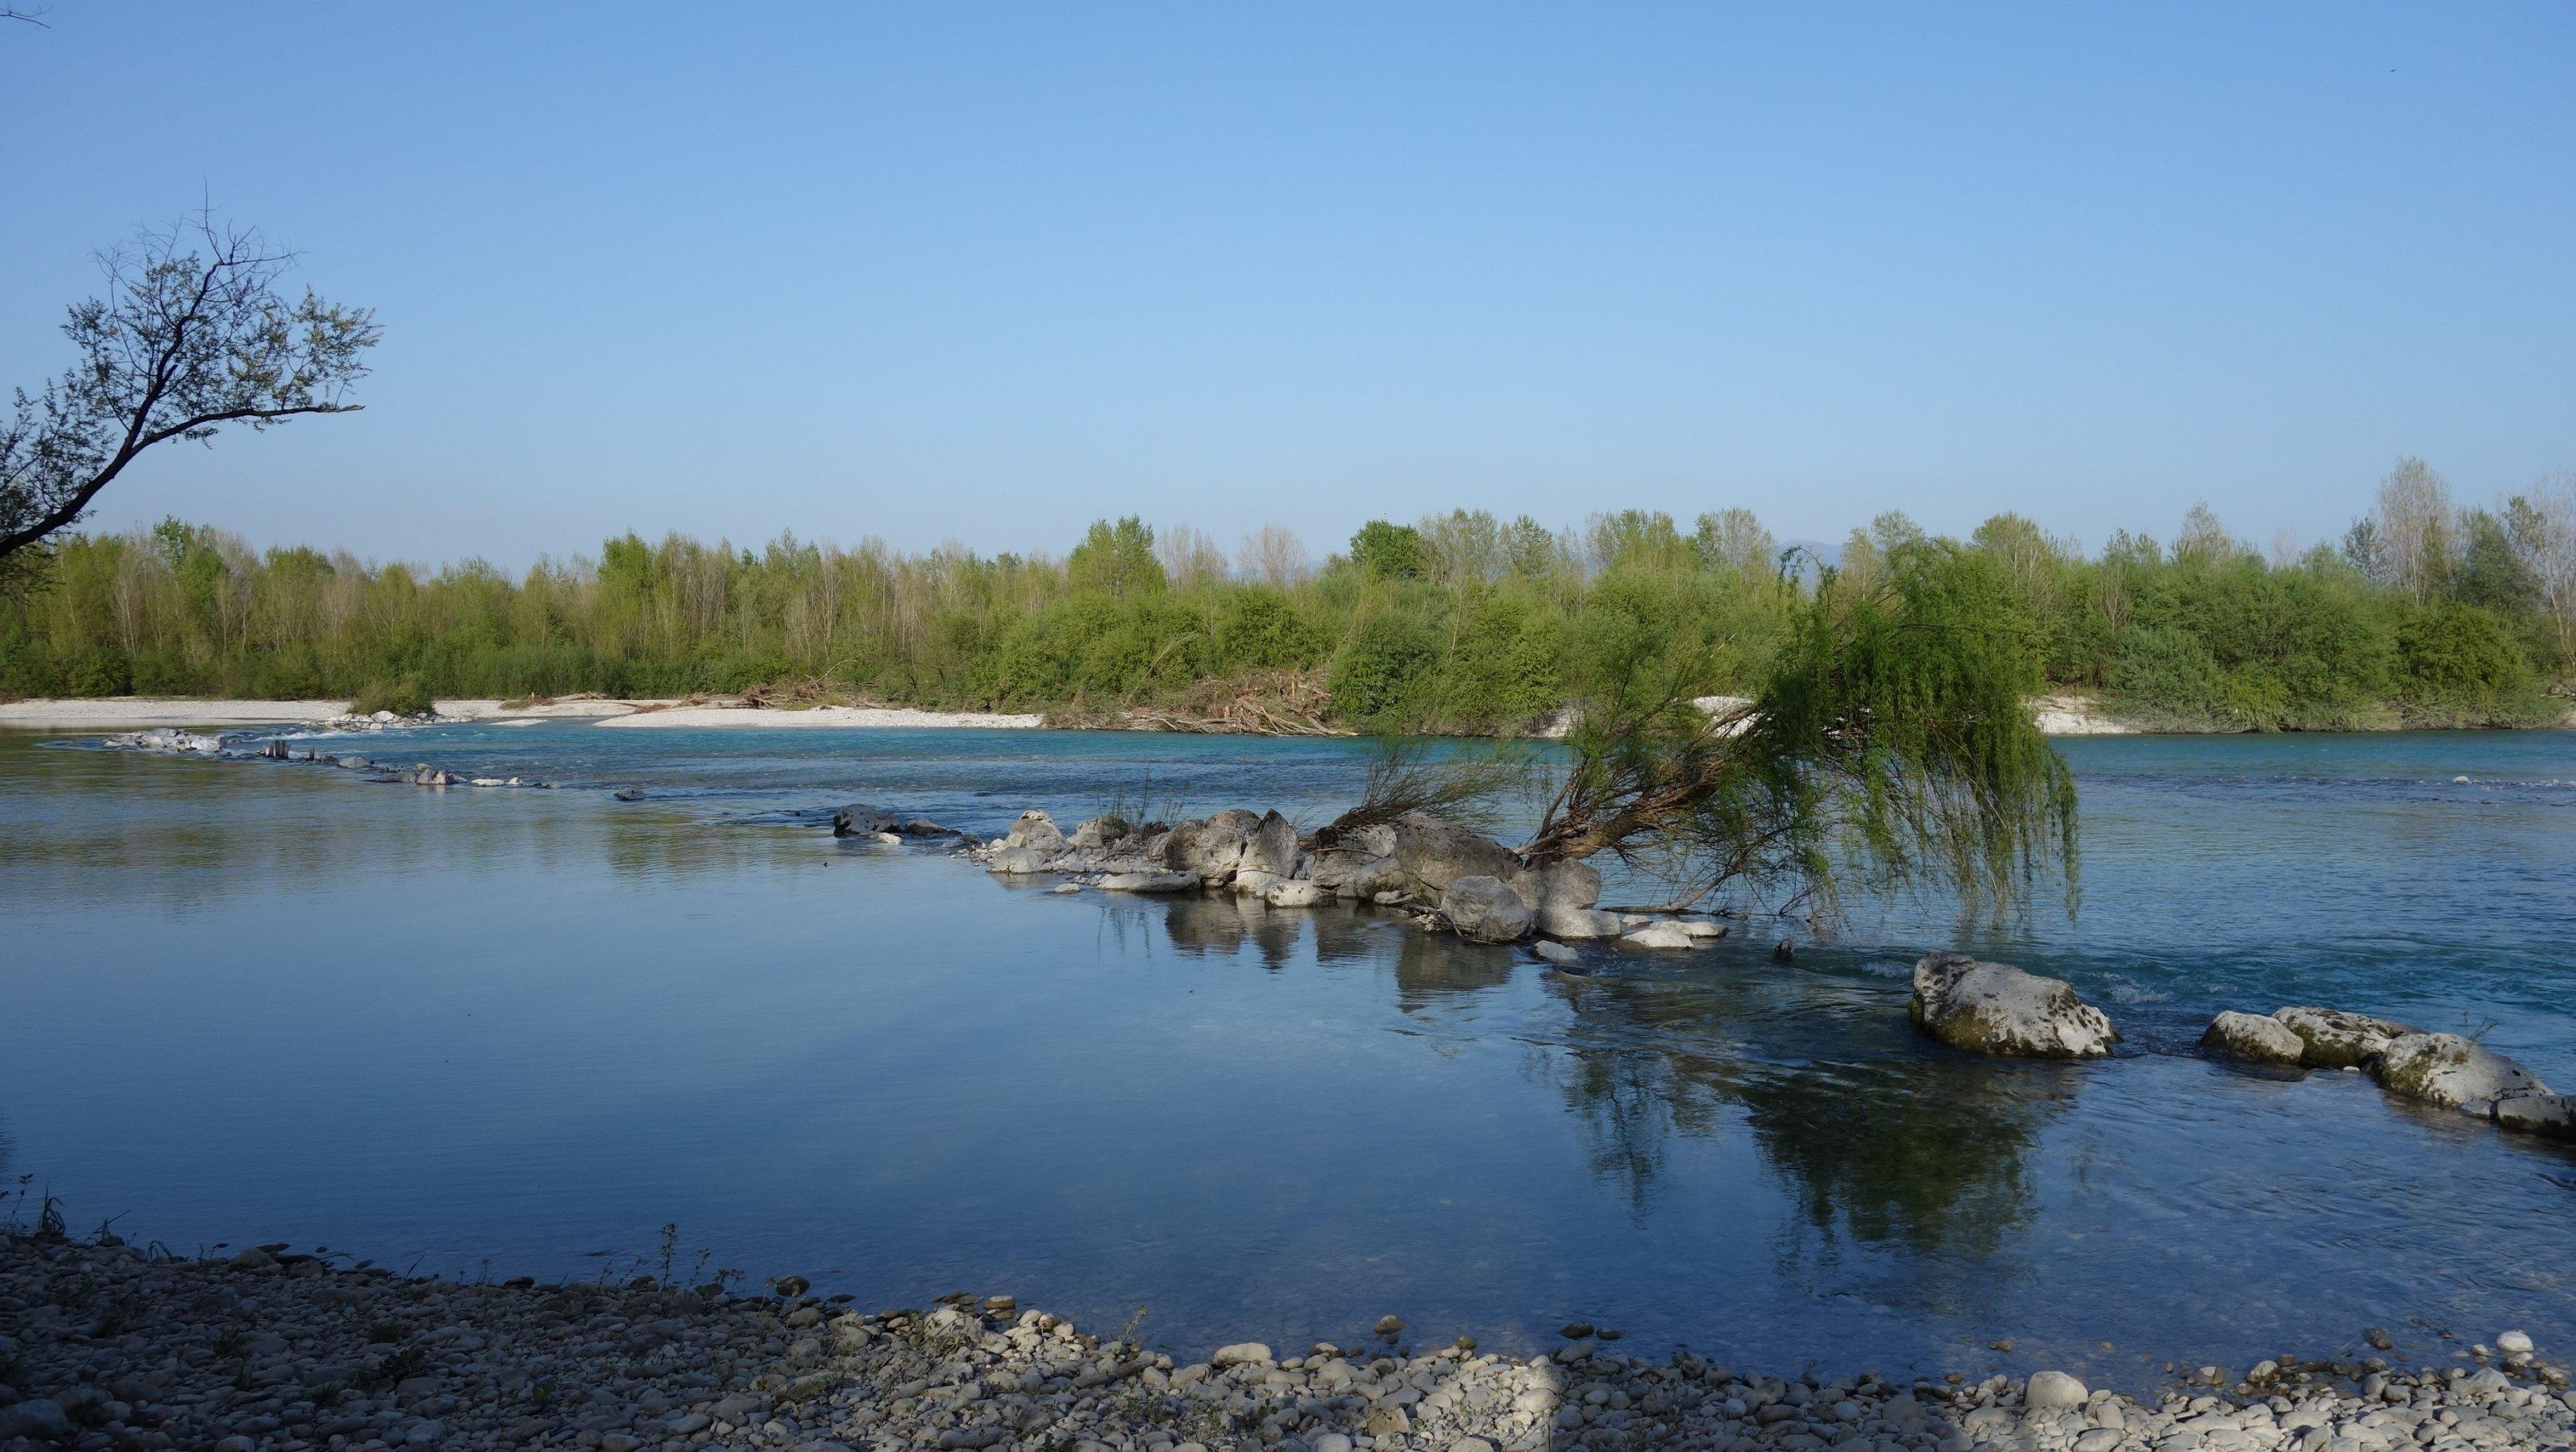 eher ruhiger Fluss, Steine in der Mitte, ein kleiner Baum, im Hintergrund viele Bäume